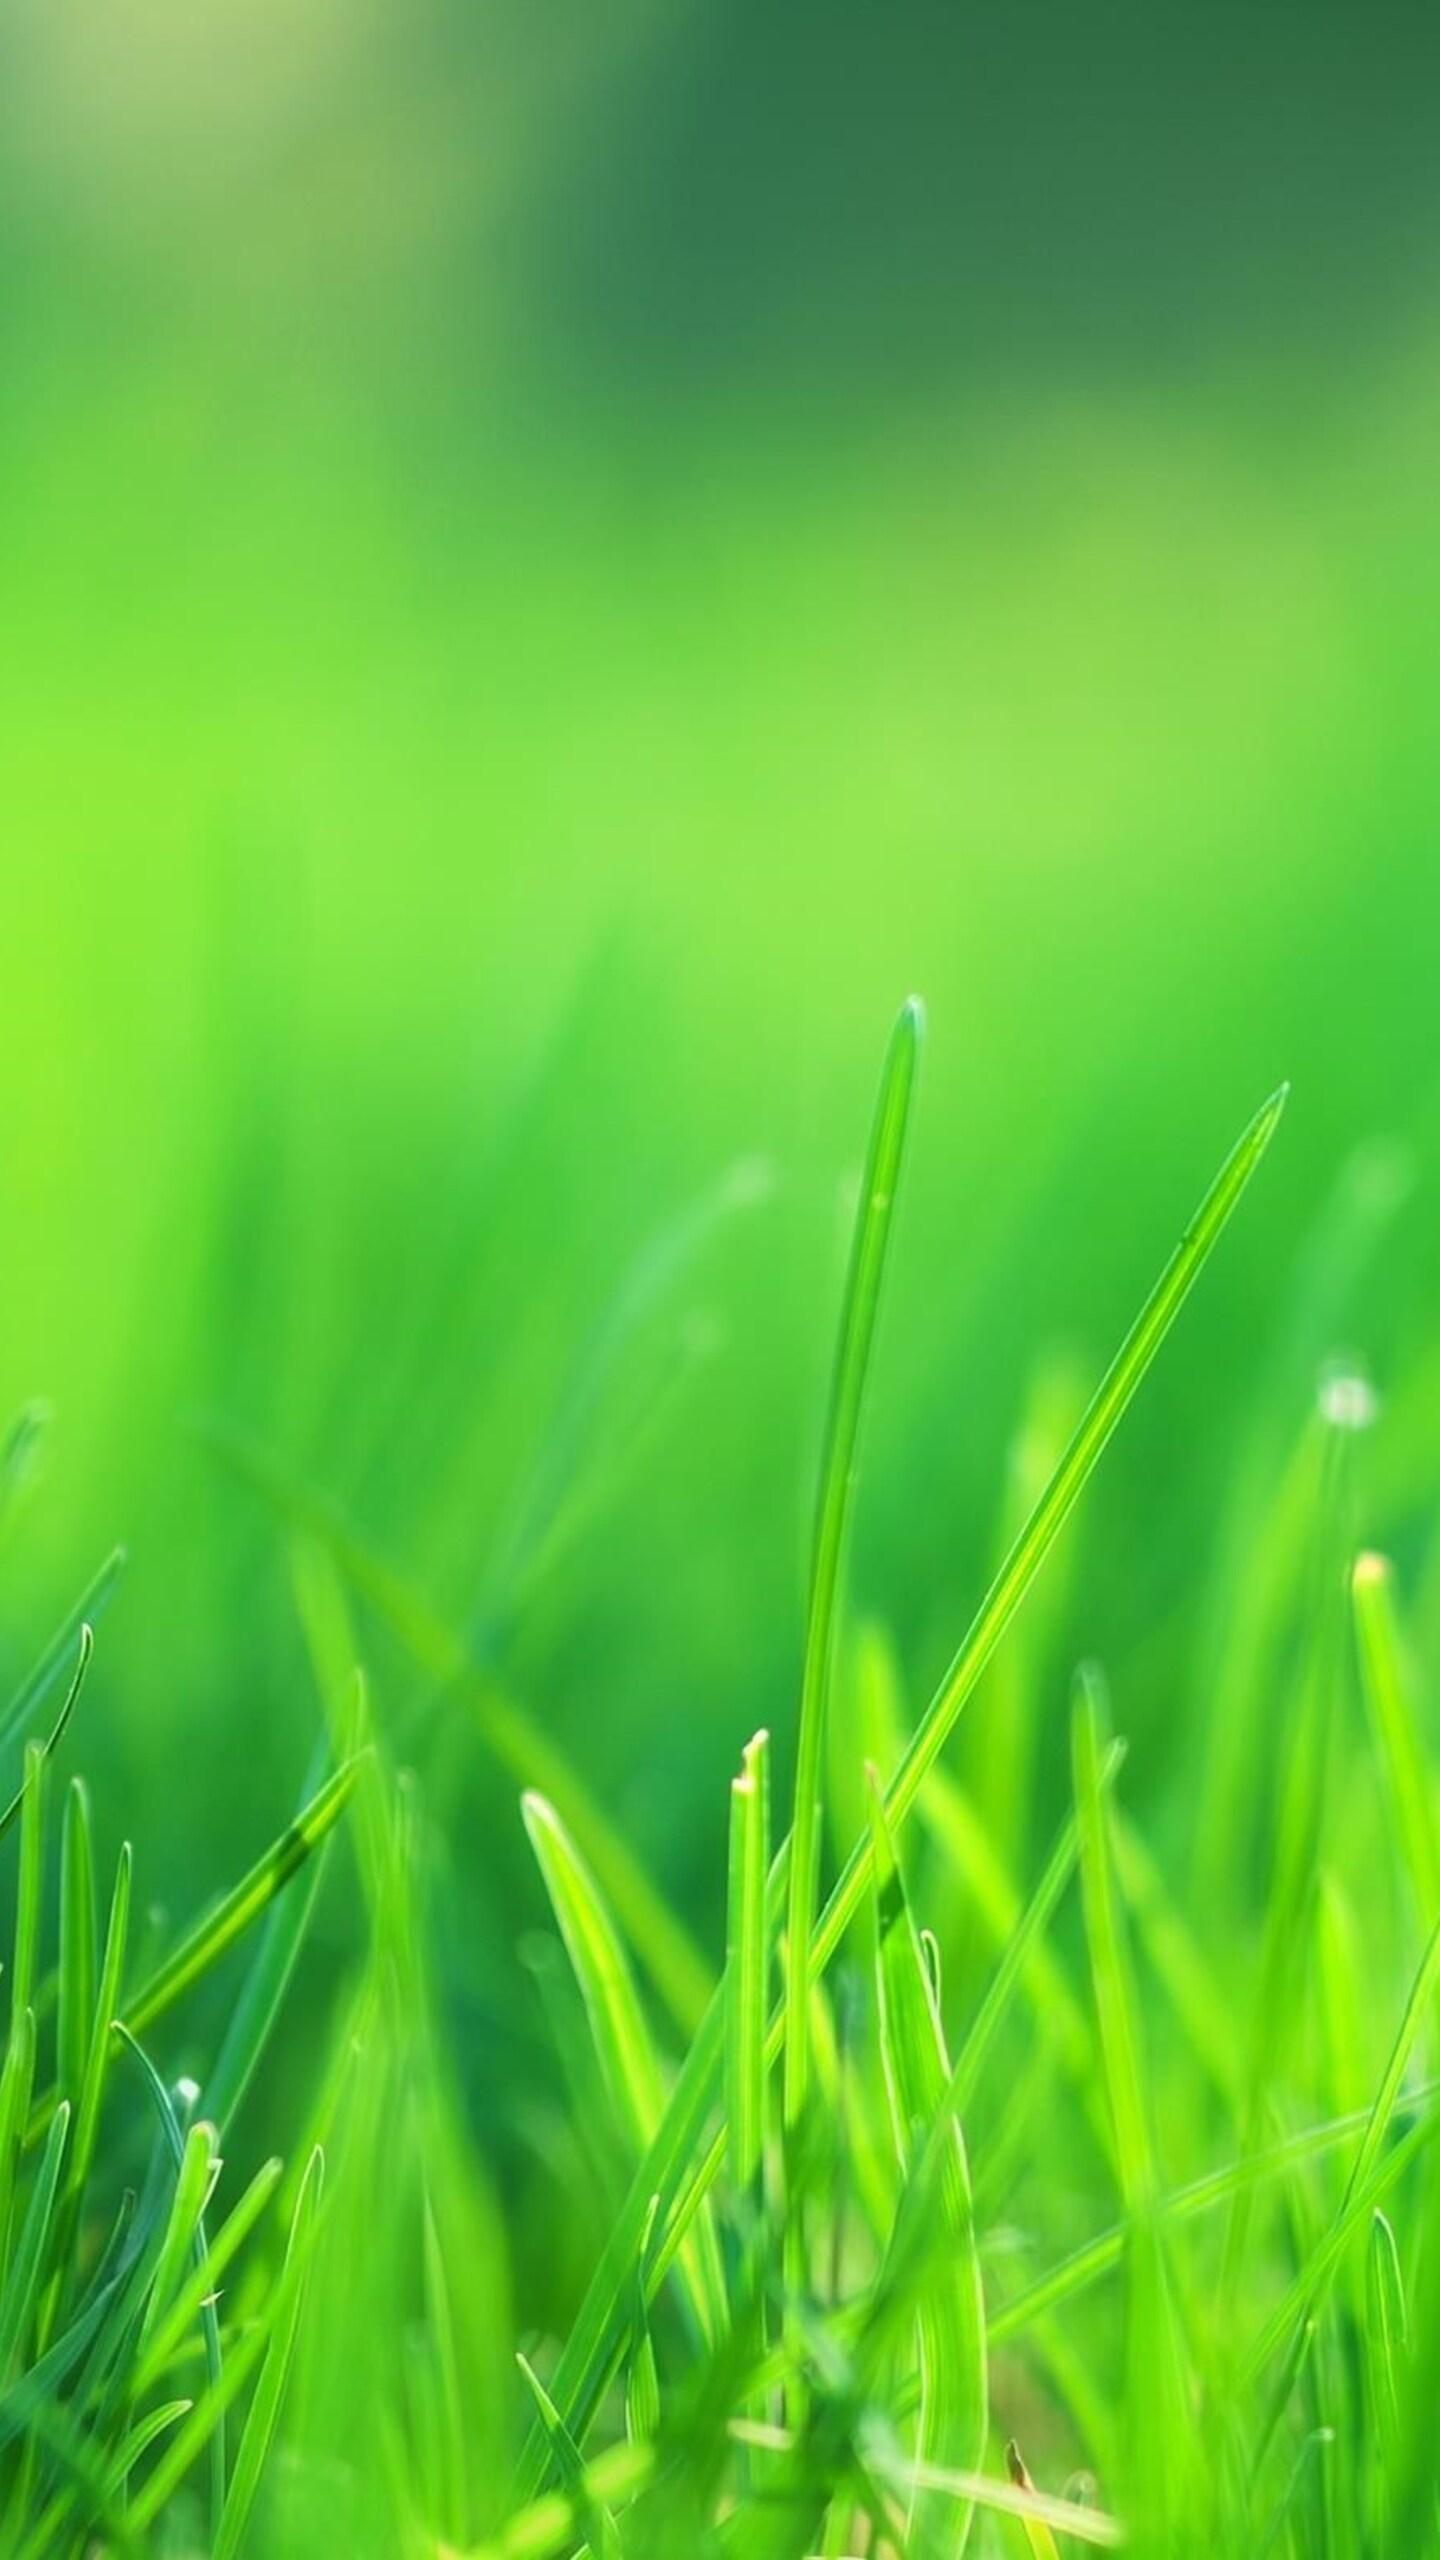 green-grass-field.jpg